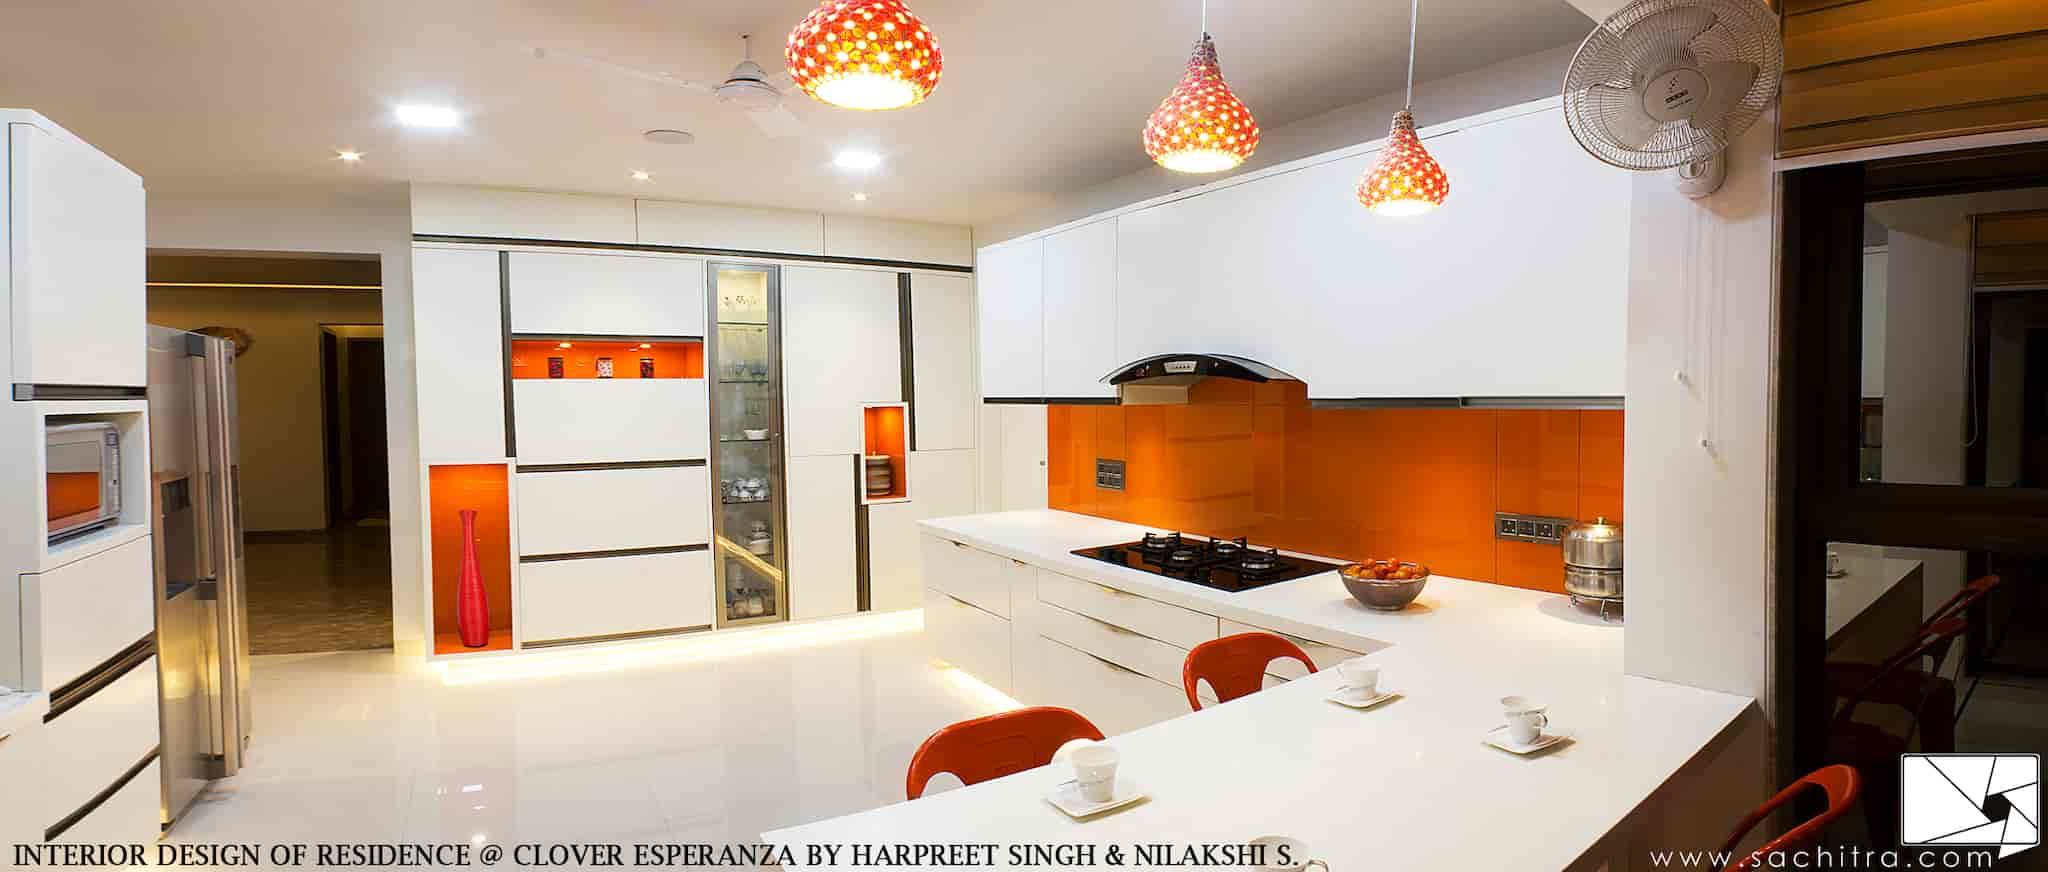 Nilakshi s interior design consultant photos kothrud pune interior designers